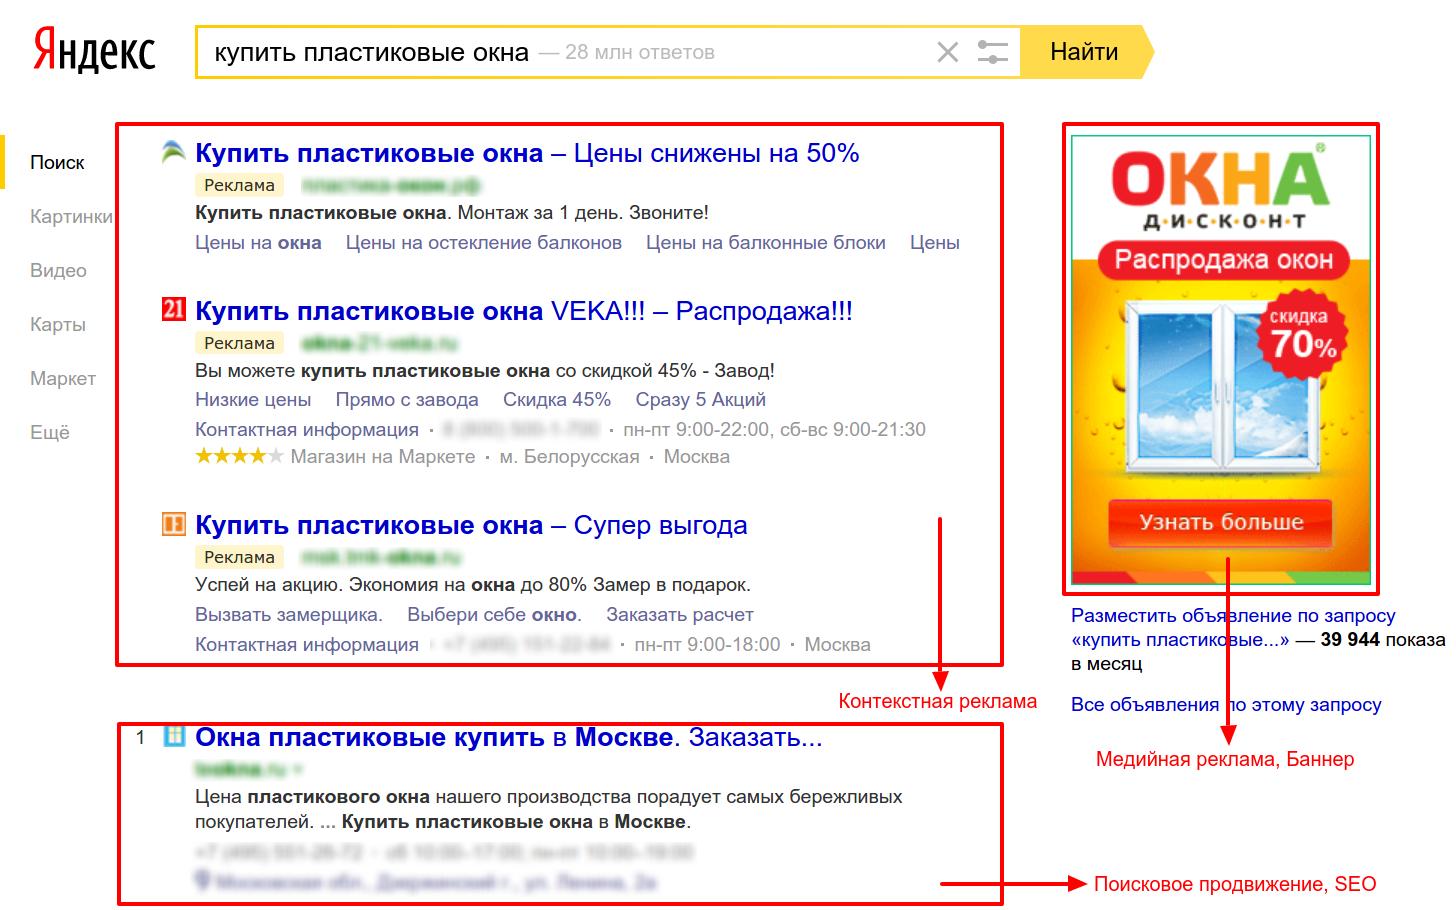 Как будут выглядеть ваши объявления в Яндекс